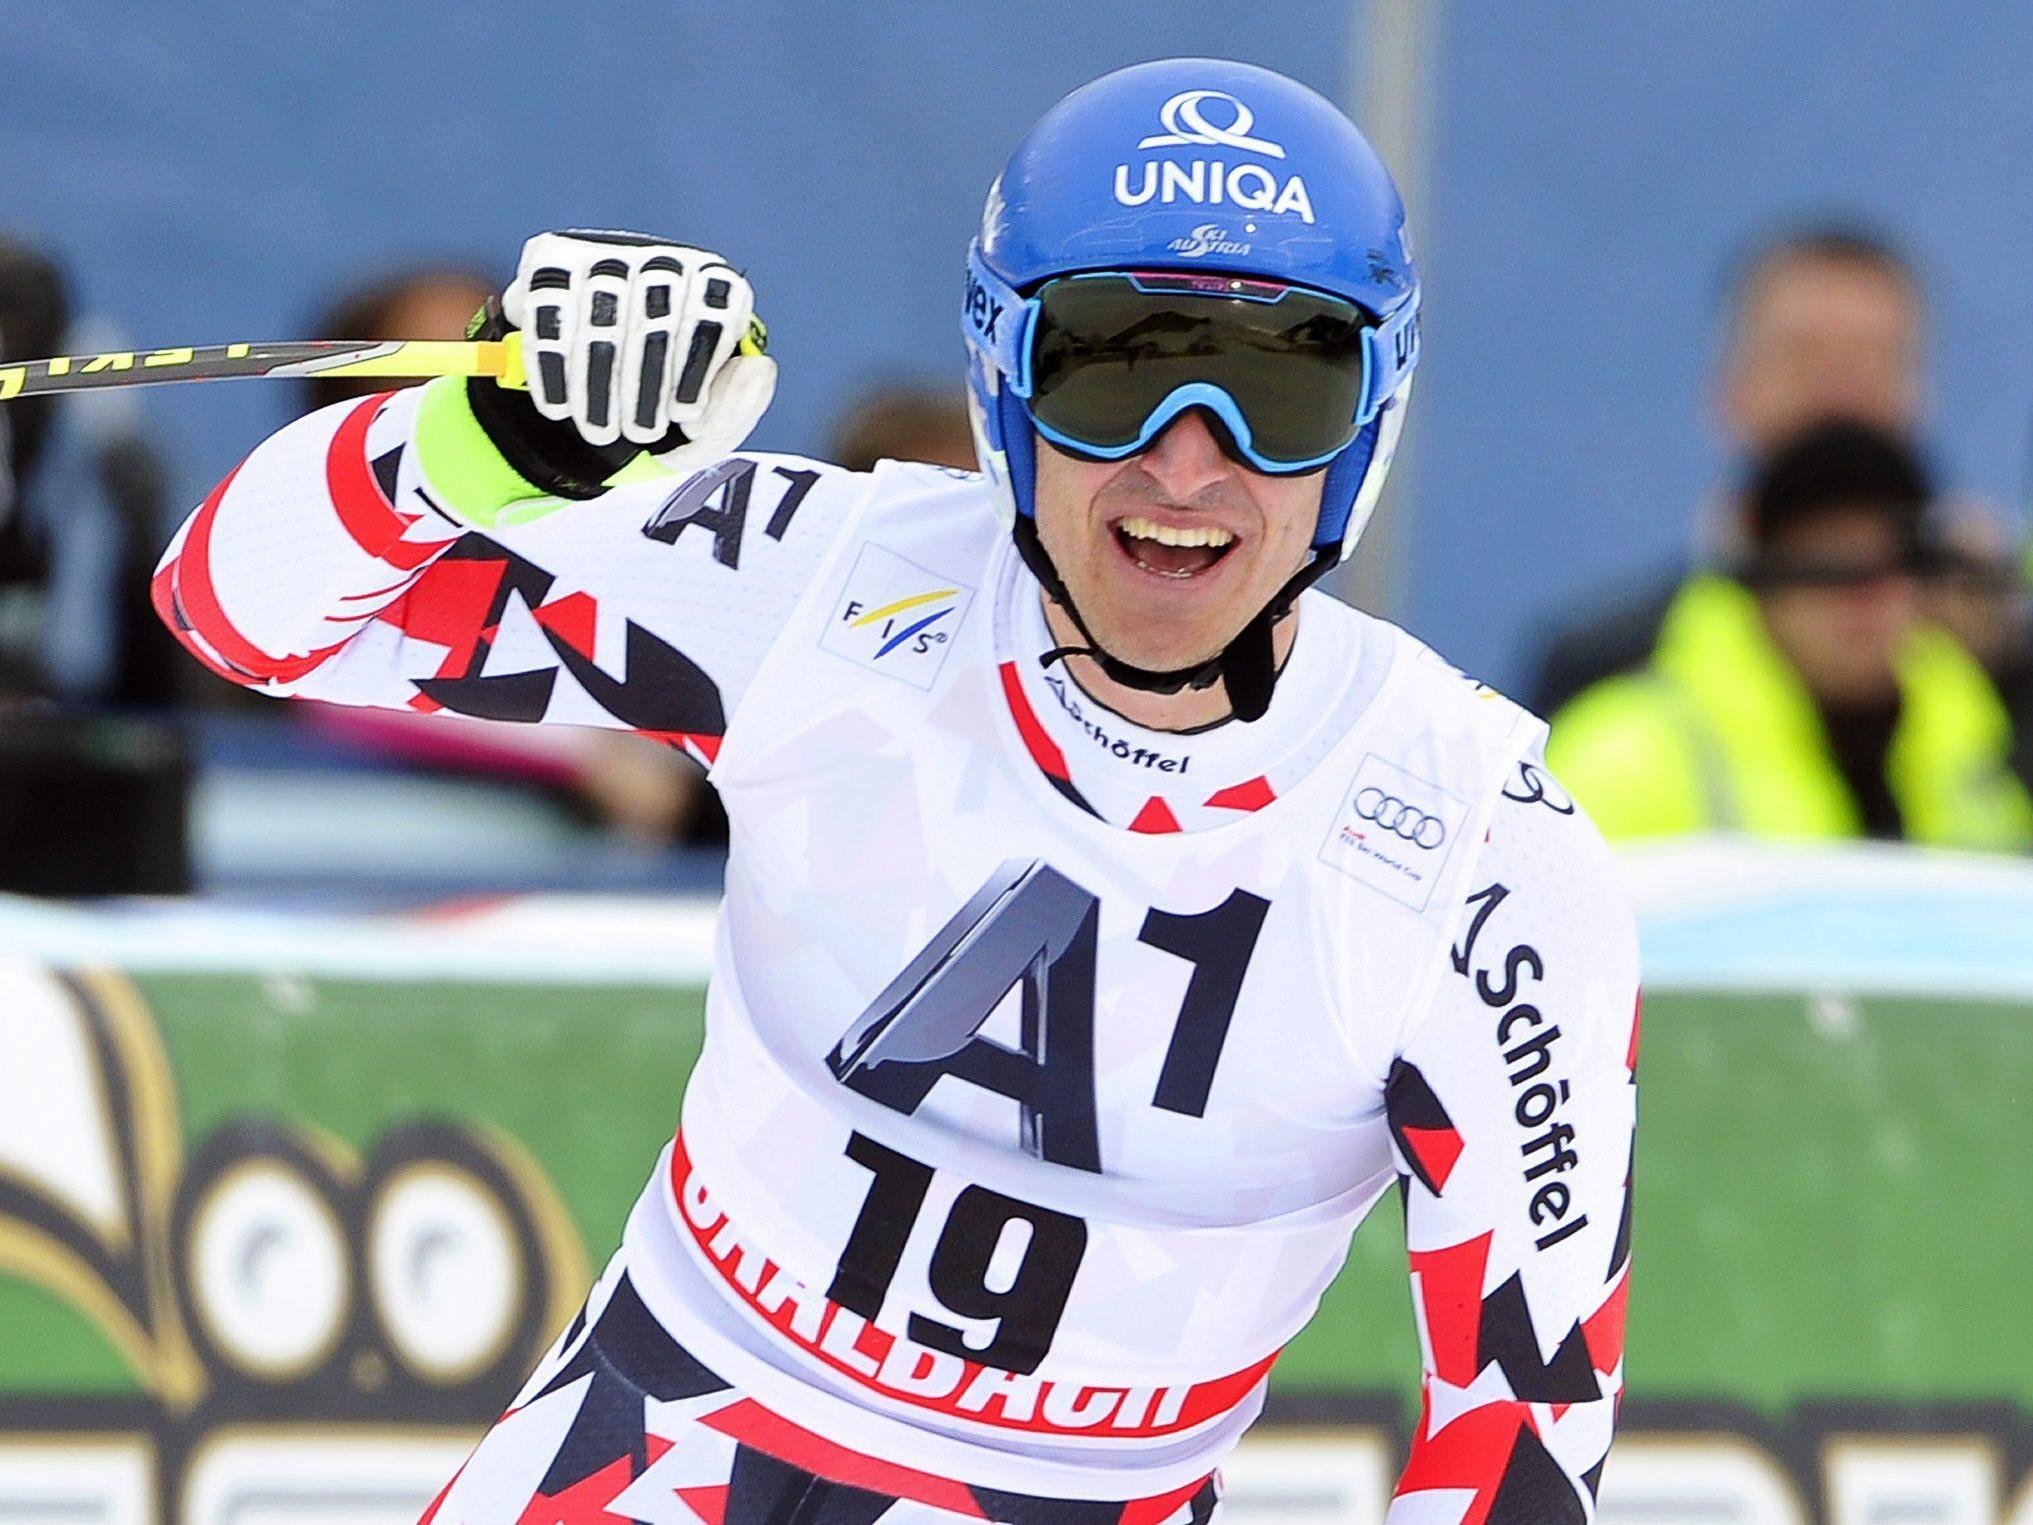 Olympiasieger 2/100 vor Max Franz - Reichelt komplettierte als Dritter Österreichs Triumph.